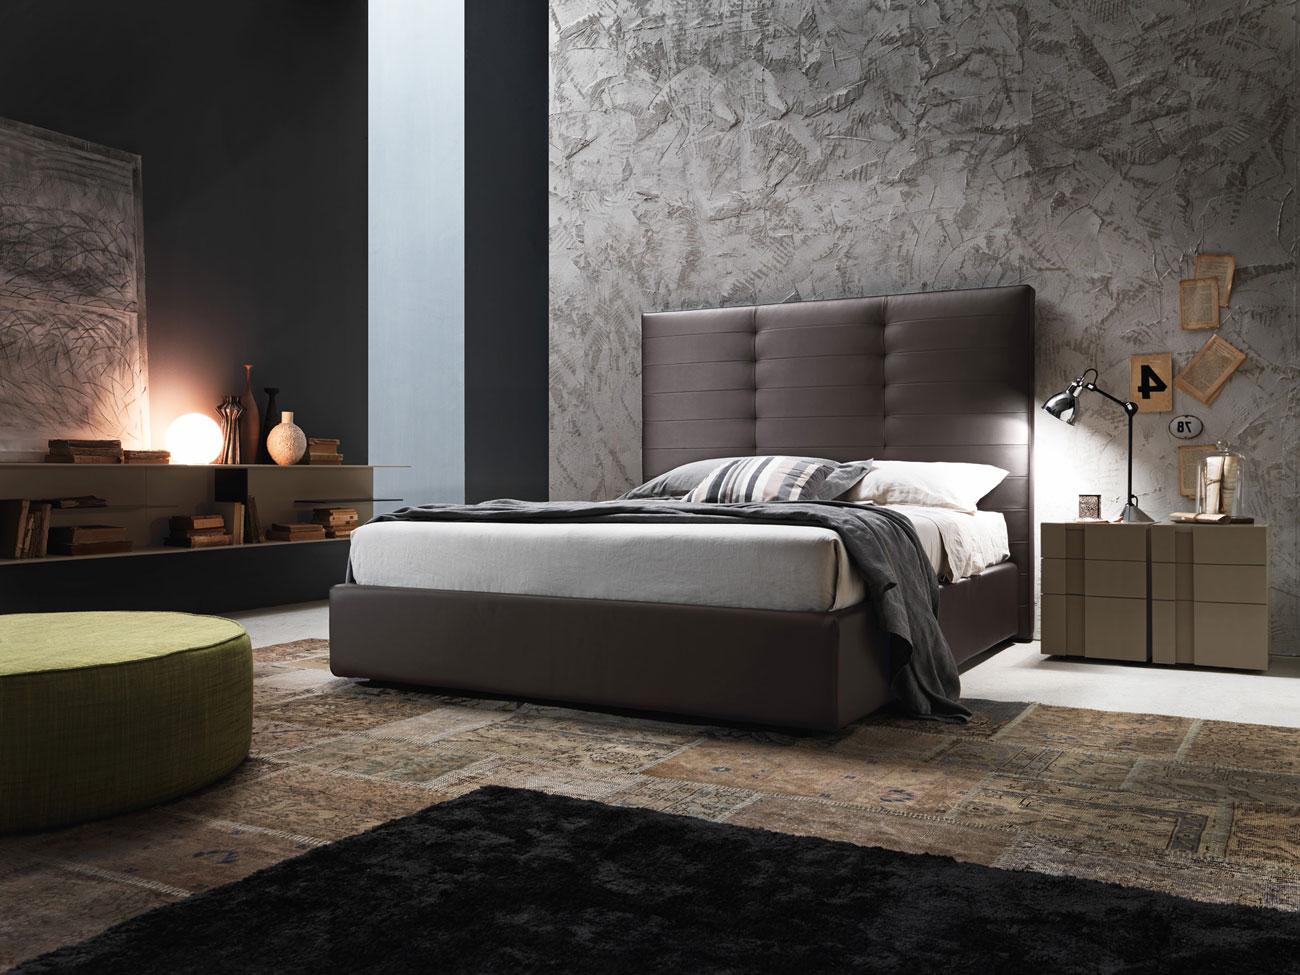 Eurolife Furniture By Night Furniture Eurolife Kitchens And Wardrobes ...